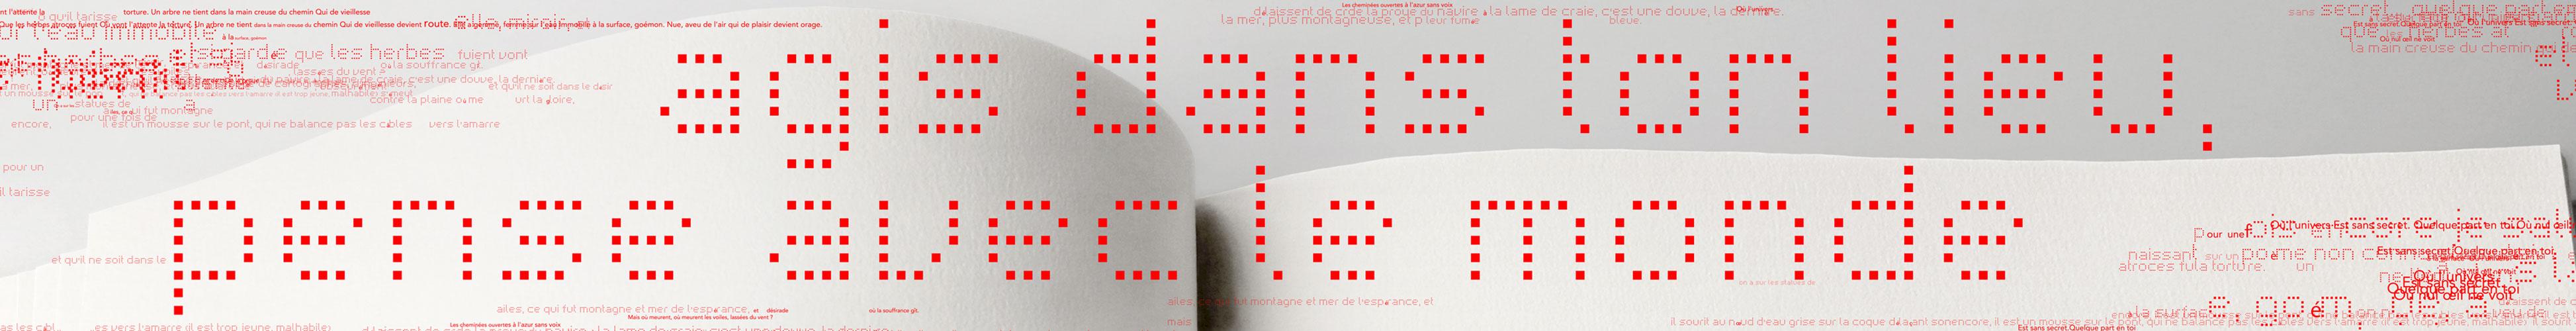 Images Livre -Texte sur plaques de verre, 7,20 m x 1,20 m, arche entrée principale